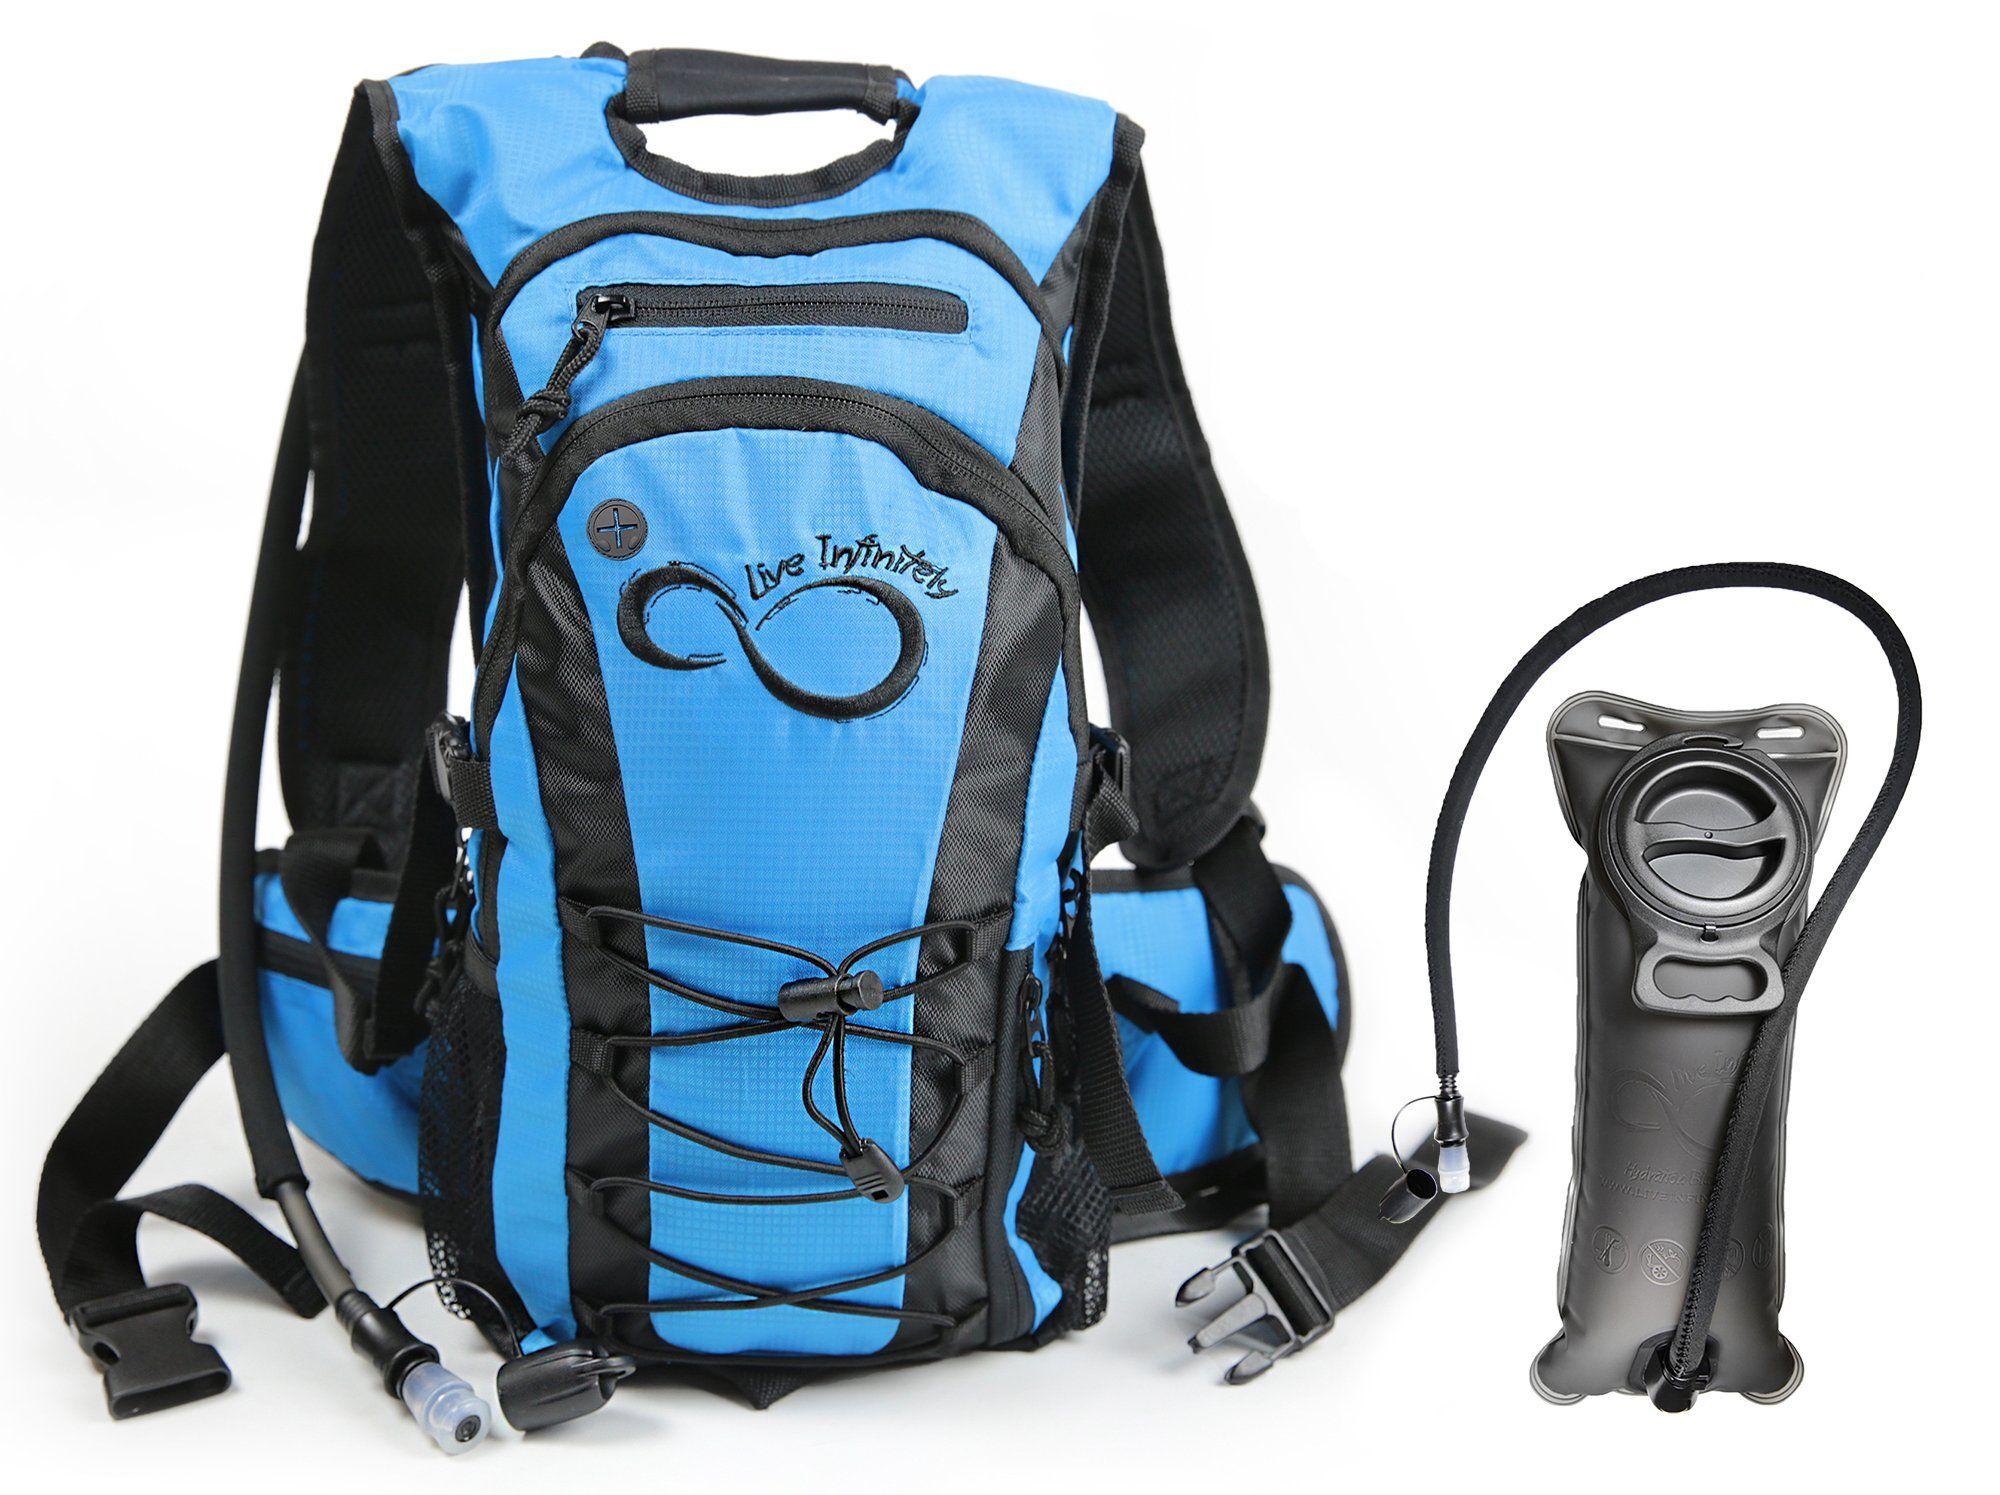 Purple Angel Hydration BackpackK & 2.0L Water Bladder